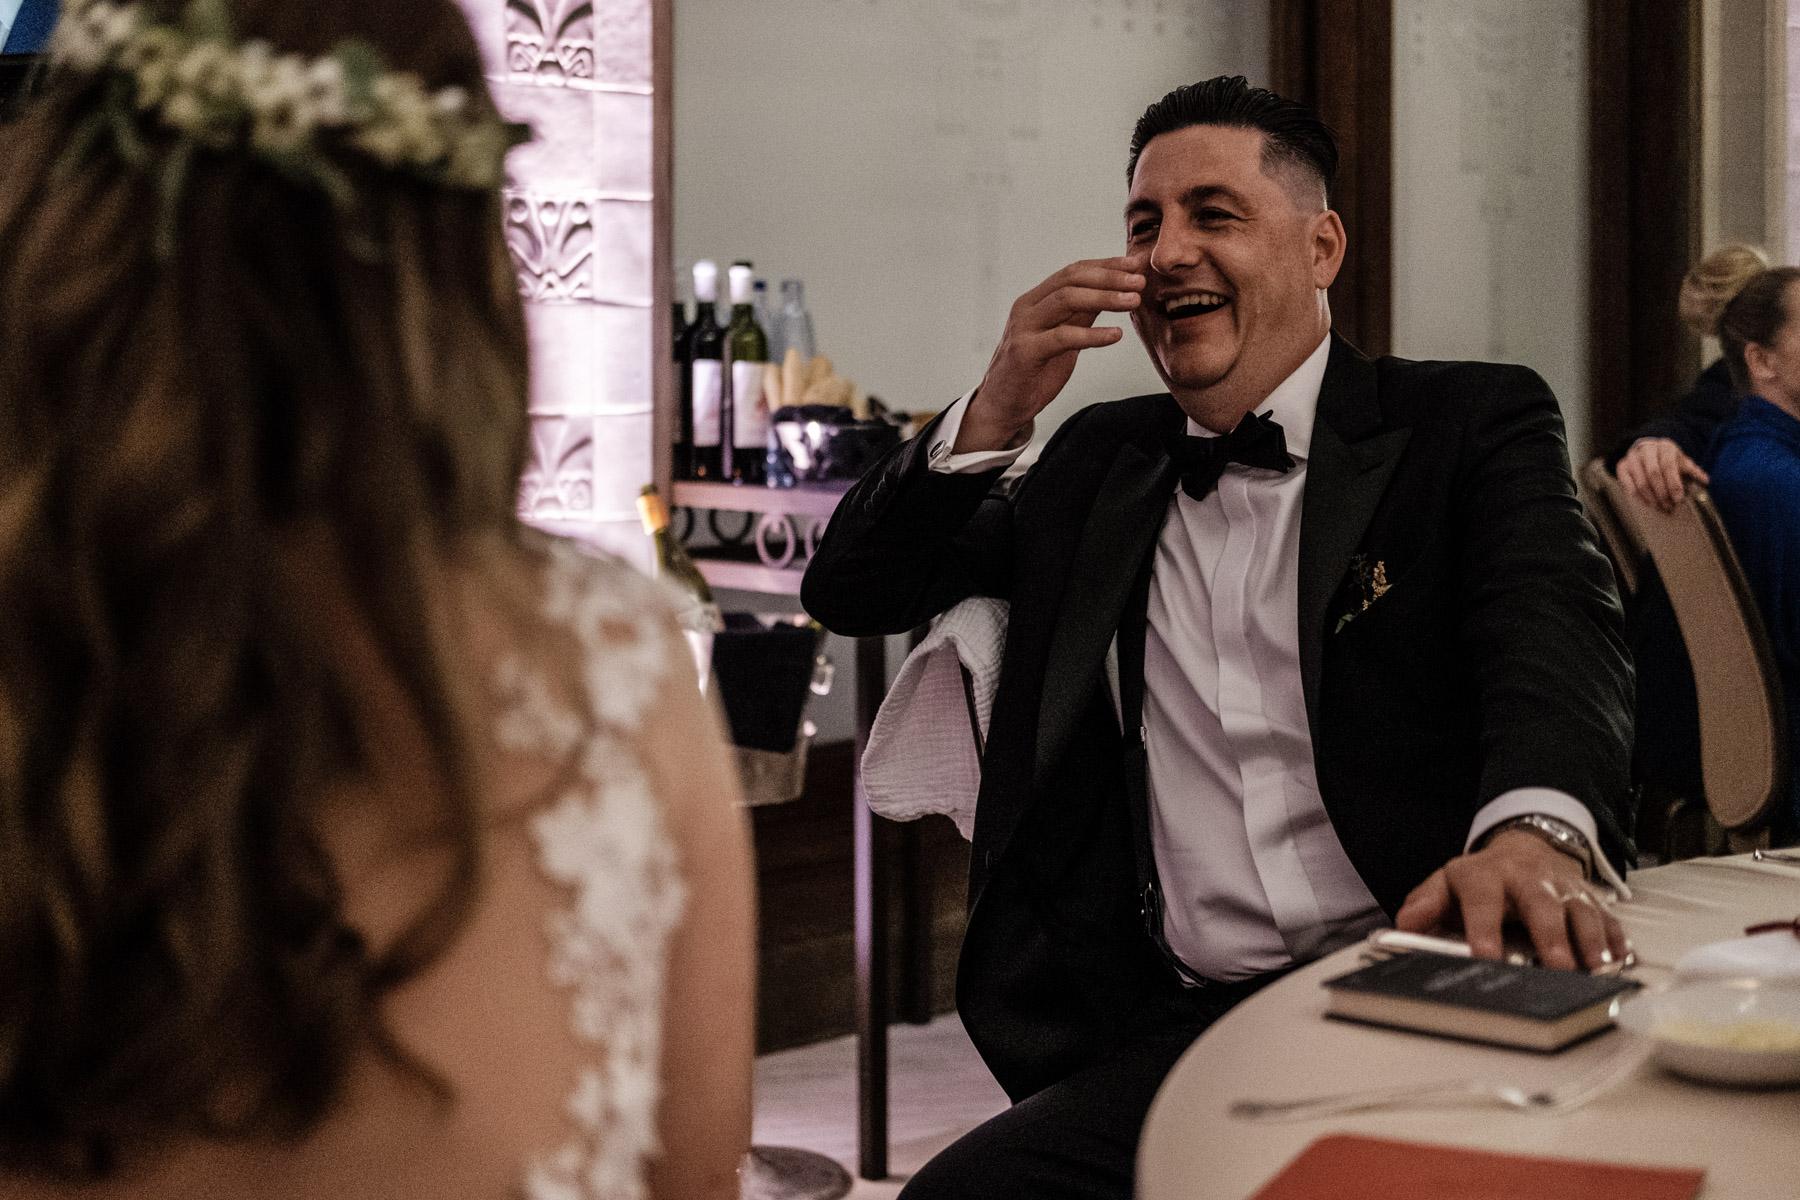 MartinLiebl_Kein_Hochzeitsfotograf_No_Wedding_Photographer_Budapest_Gresham_Palace_067.jpg